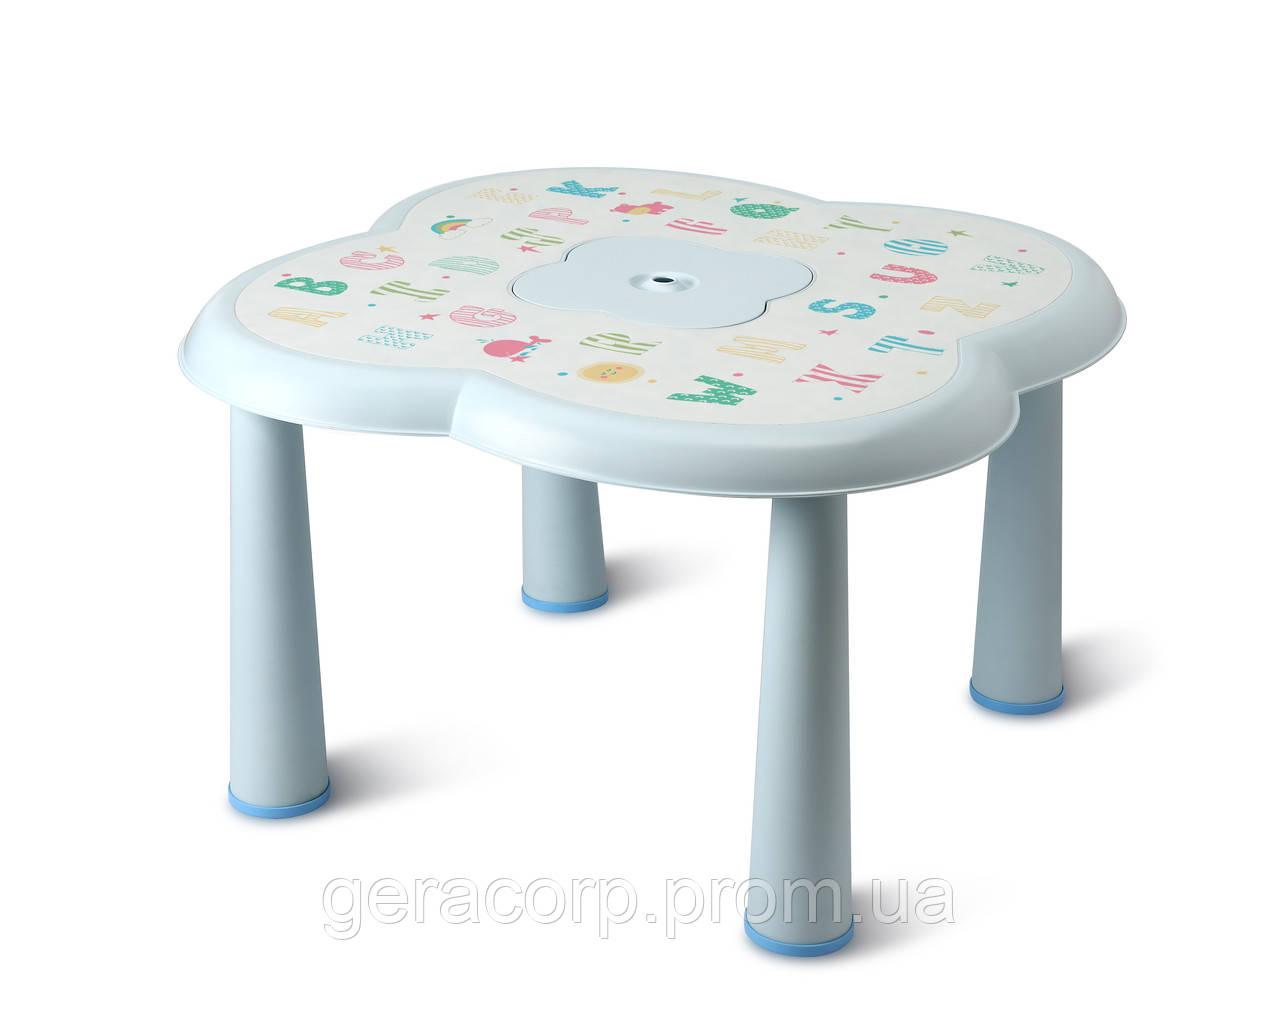 Детский столик АВС